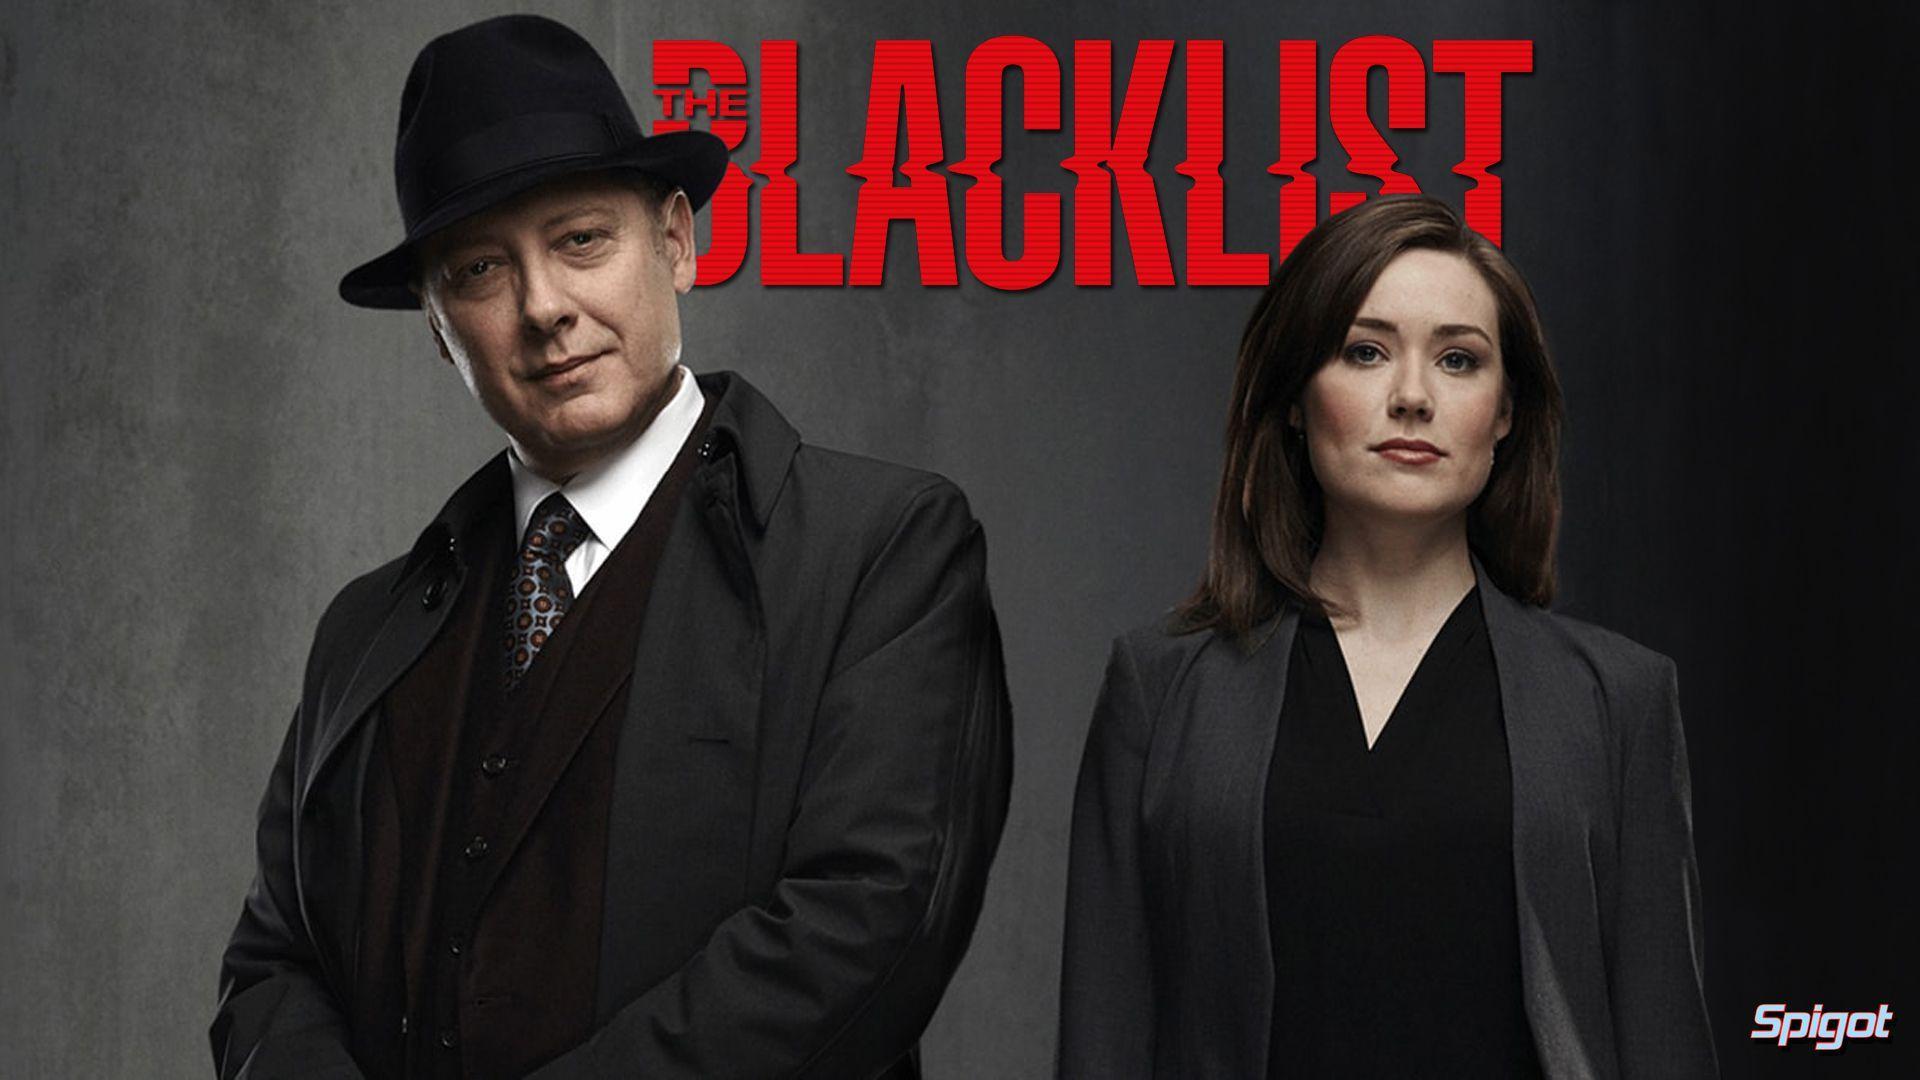 Imagini pentru the blacklist wallpaper